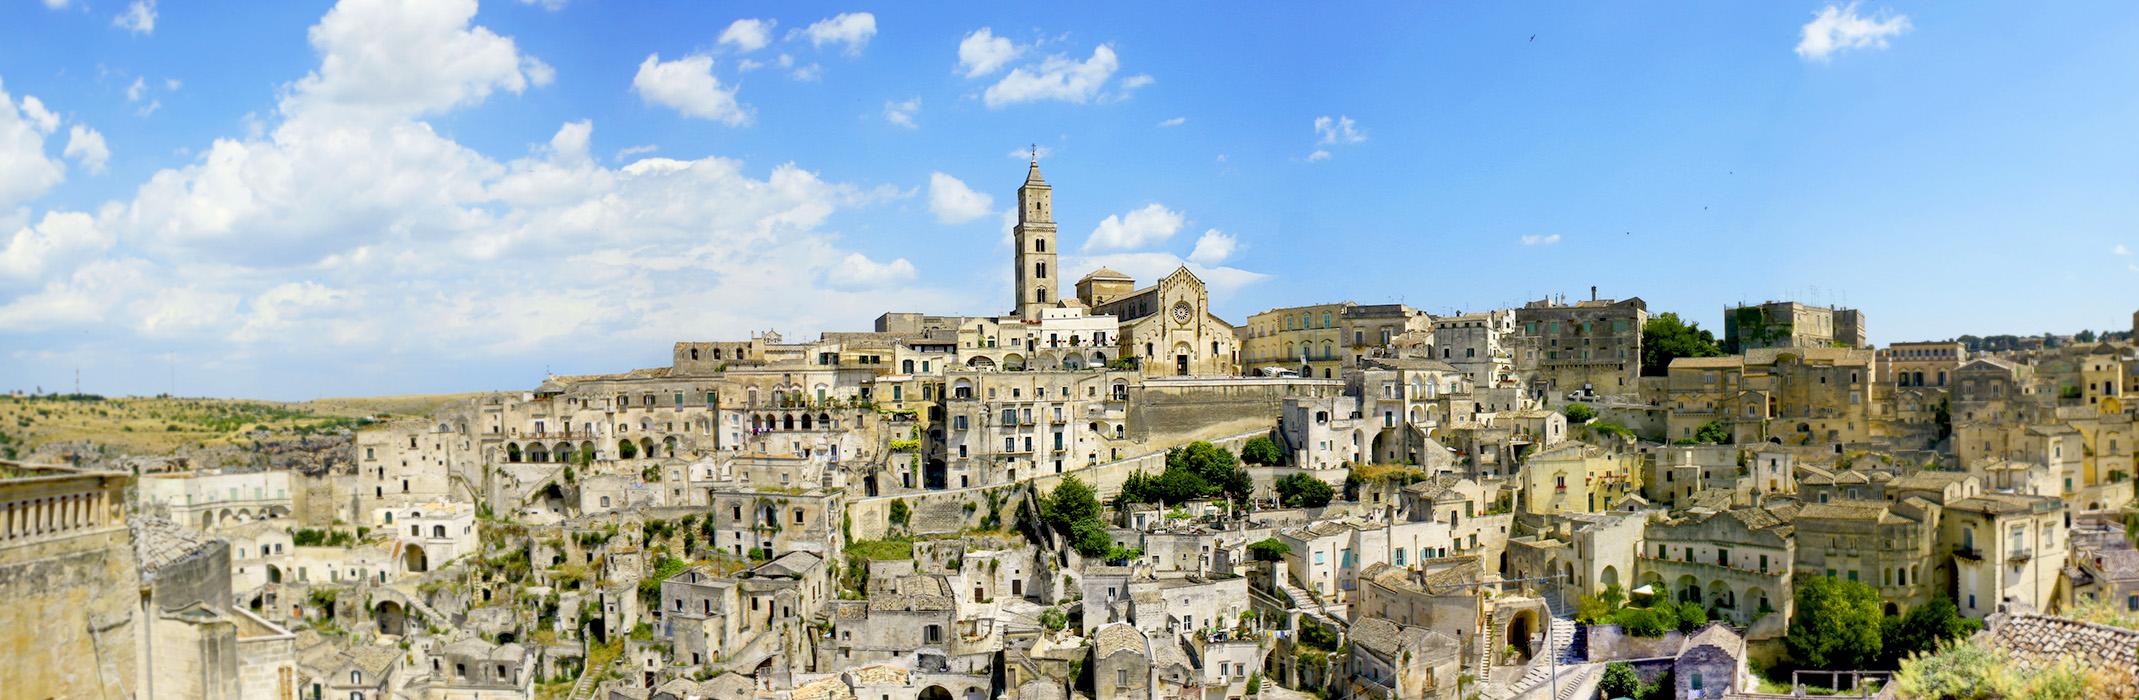 Matera-Basilicata-Antico-Pastificio-Sarubbi-Hotel-Stigliano